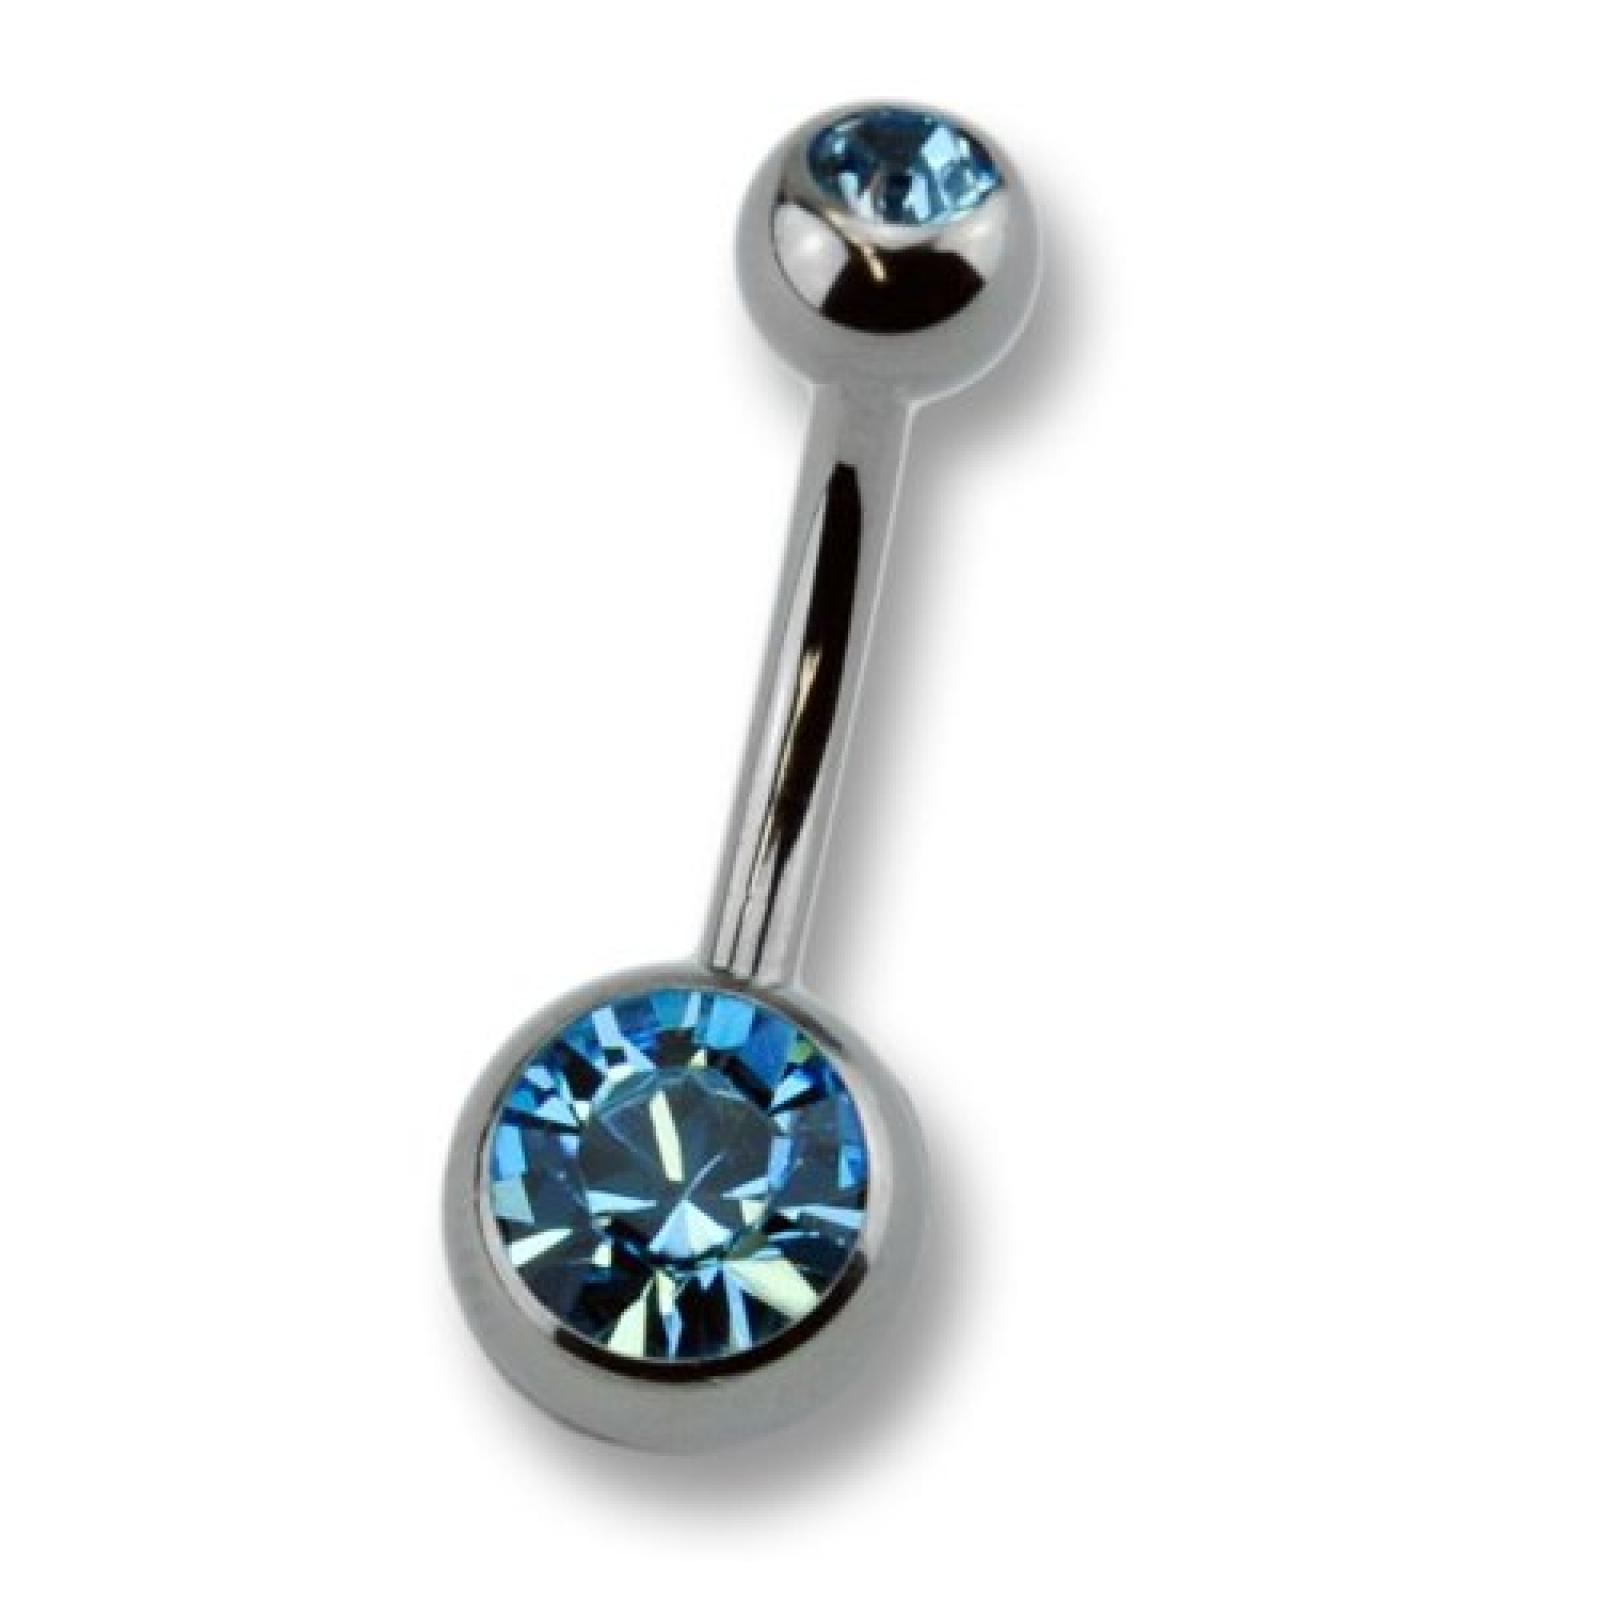 Zeeme Unisex-Piercing 10mm Und Zwei Dunkelblauen Kristallen 159000077-10mm